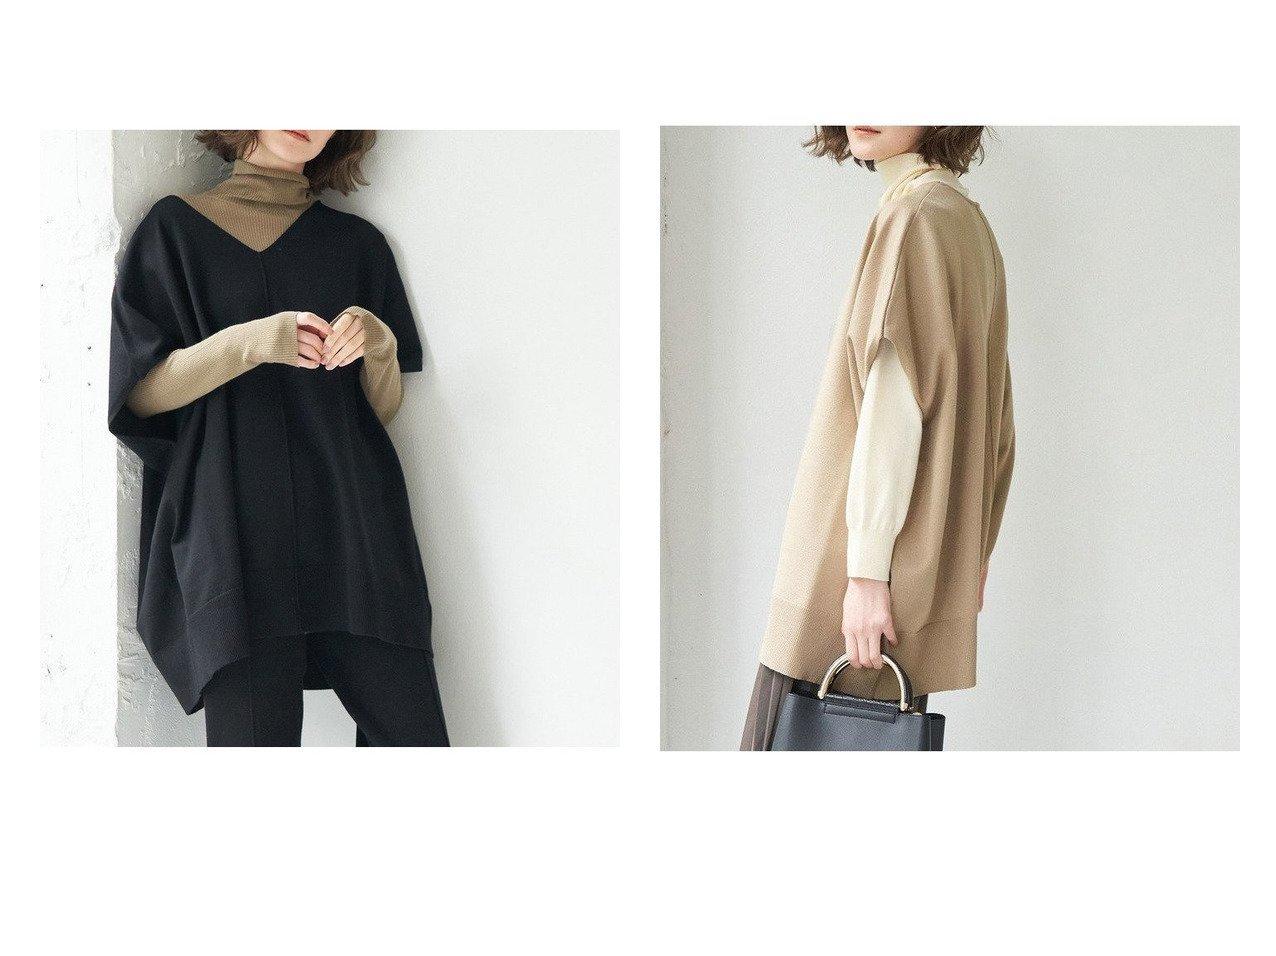 【ROPE' PICNIC/ロペピクニック】の【セットアップ対応】【2WAY】ポンチョニットプルオーバー ROPEのおすすめ!人気、トレンド・レディースファッションの通販  おすすめで人気の流行・トレンド、ファッションの通販商品 メンズファッション・キッズファッション・インテリア・家具・レディースファッション・服の通販 founy(ファニー) https://founy.com/ ファッション Fashion レディースファッション WOMEN トップス Tops Tshirt ニット Knit Tops プルオーバー Pullover セットアップ Setup トップス Tops 春 Spring 秋 Autumn/Fall カットソー セットアップ セーター タートル タートルネック 半袖 冬 Winter  ID:crp329100000018531